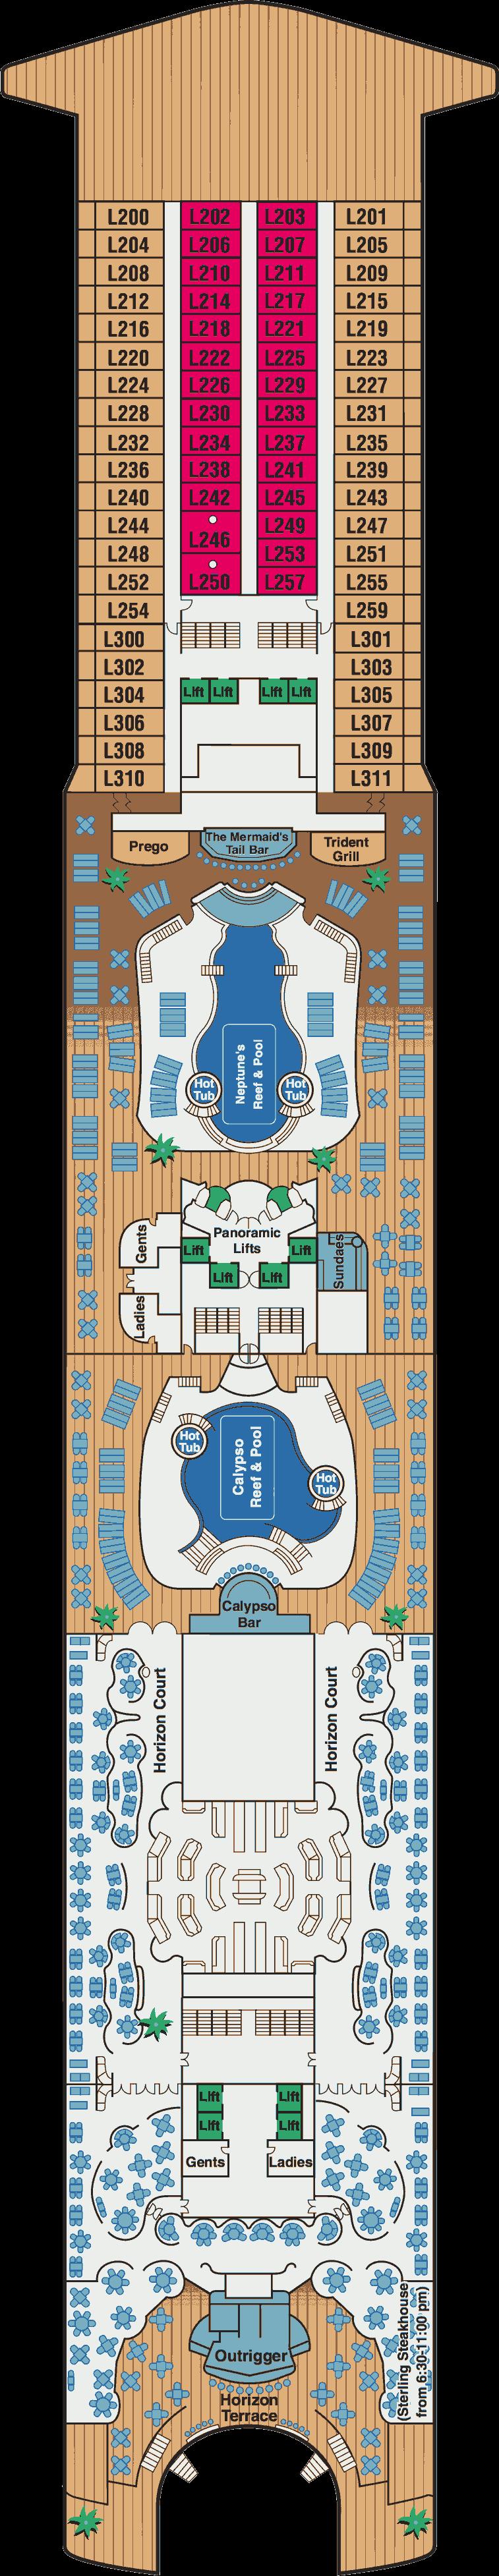 Sapphire princess deck plans for Deck blueprints online